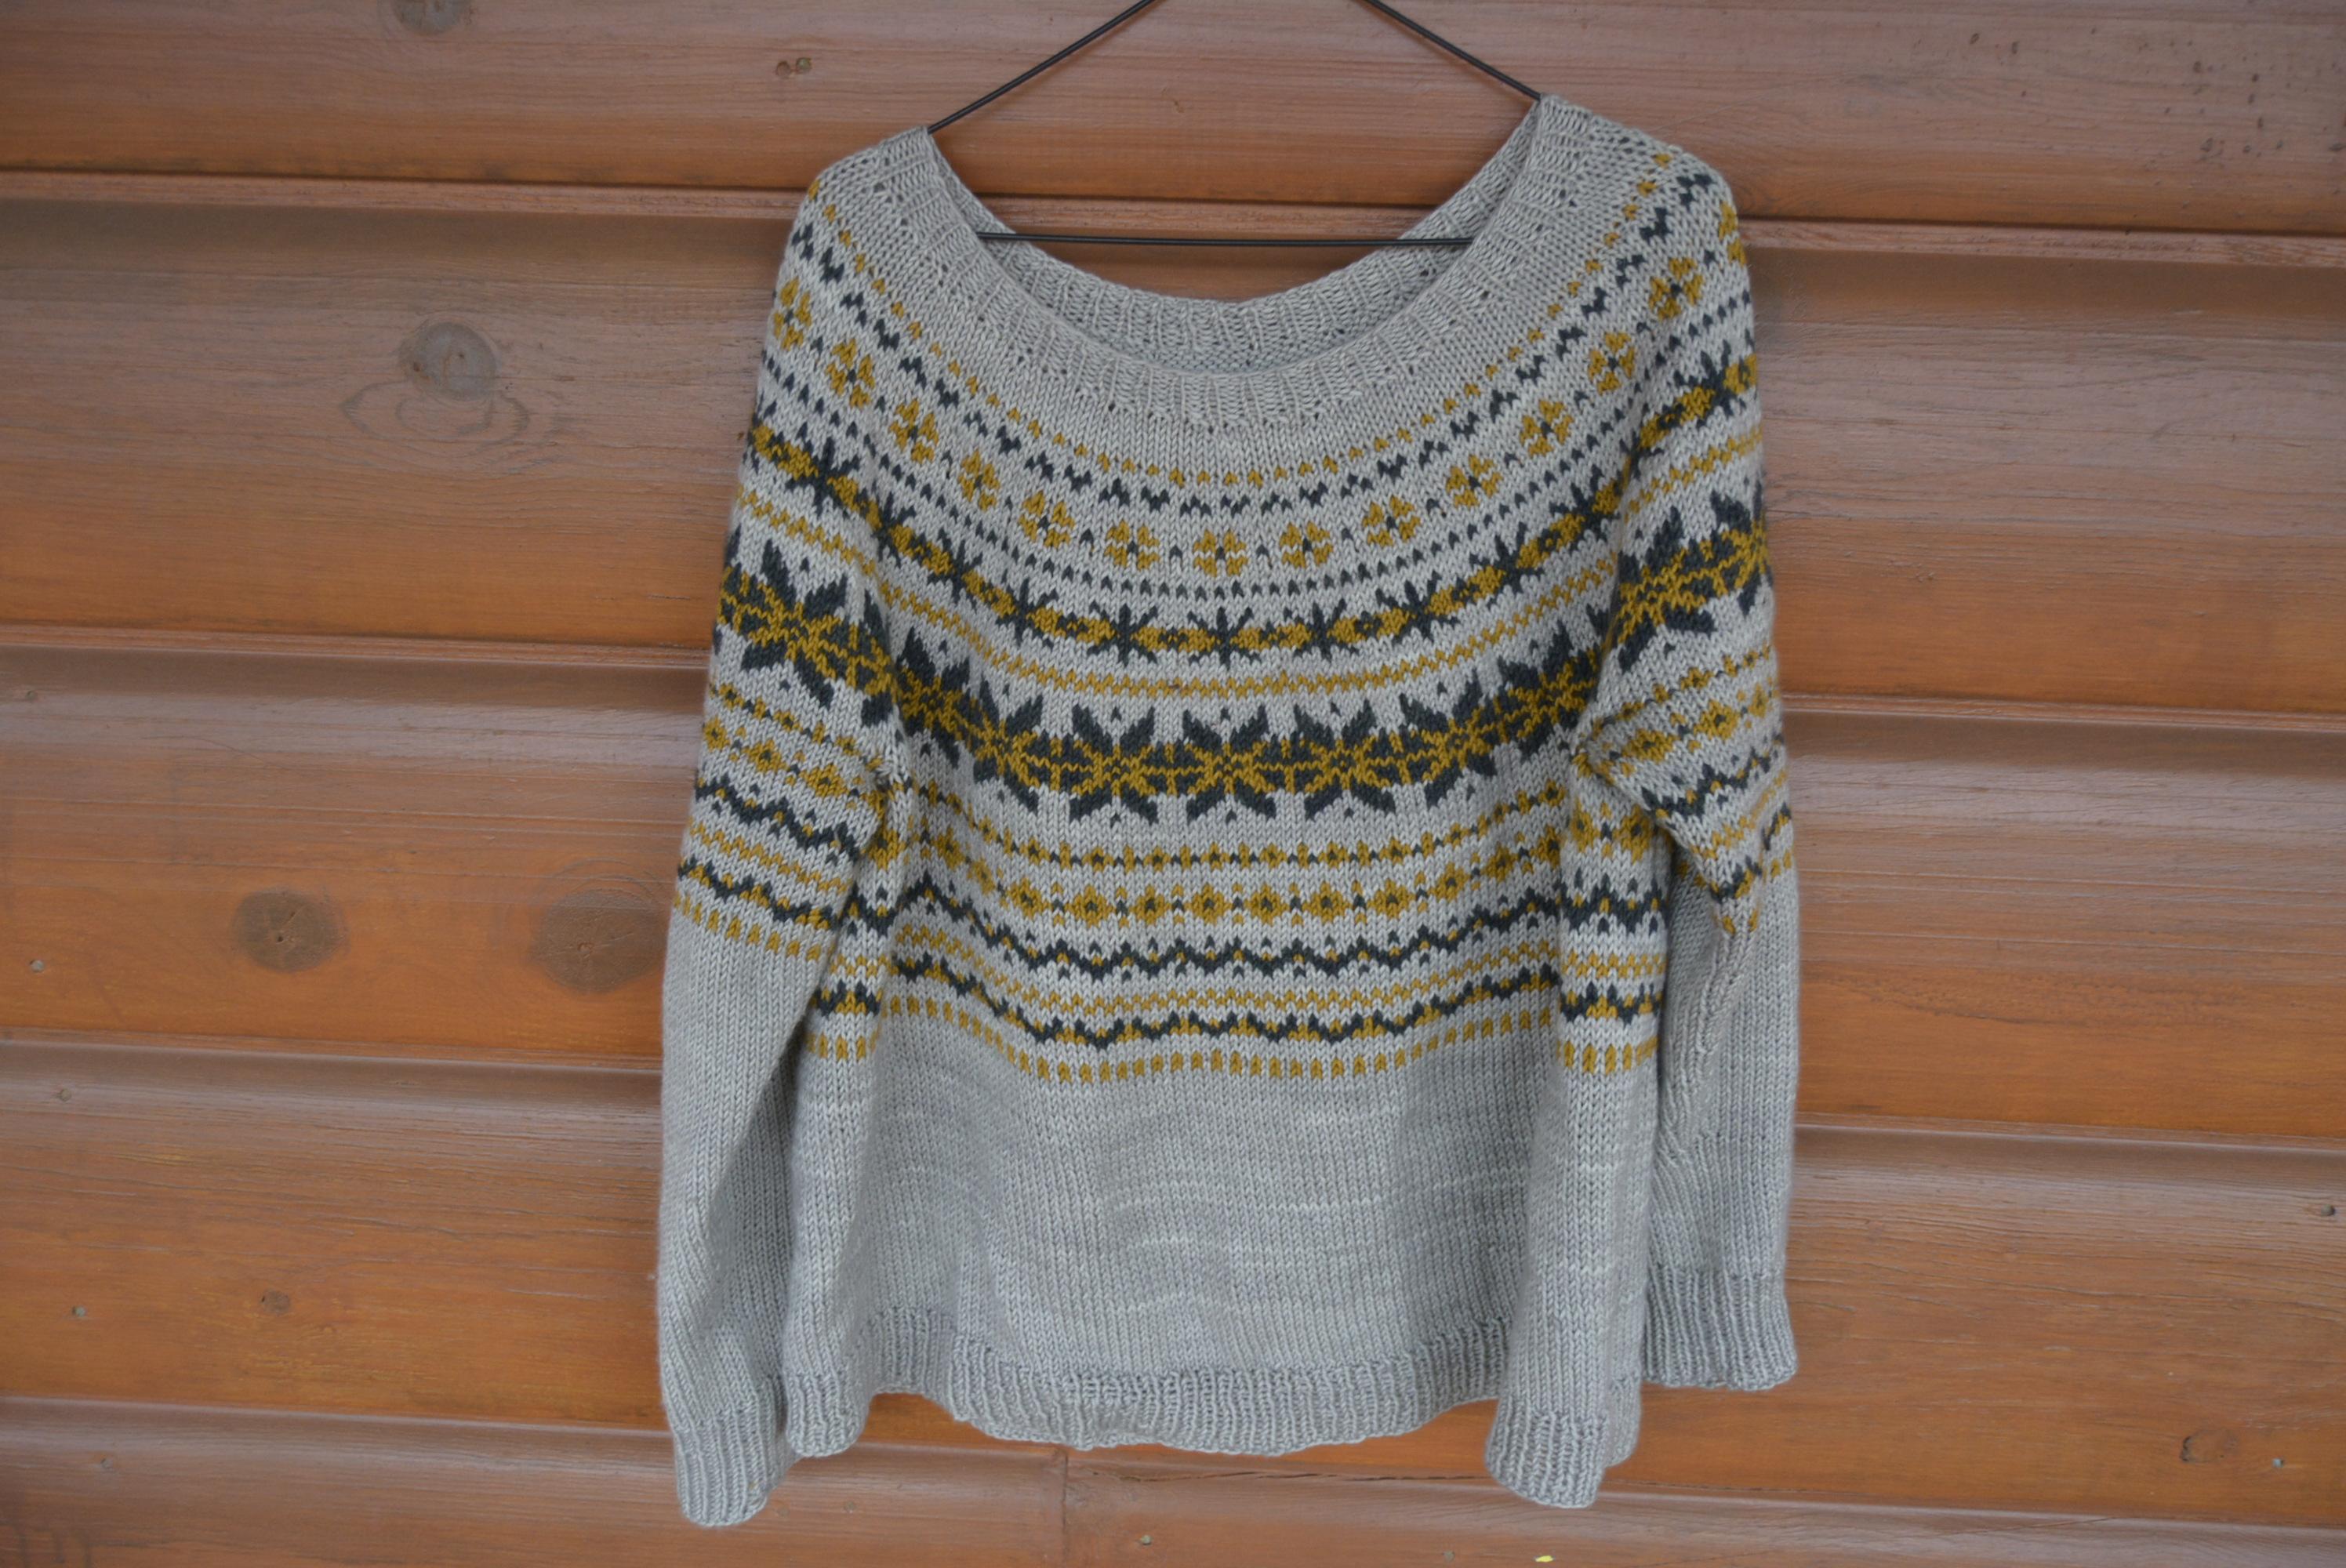 Ruska Sweater Kit